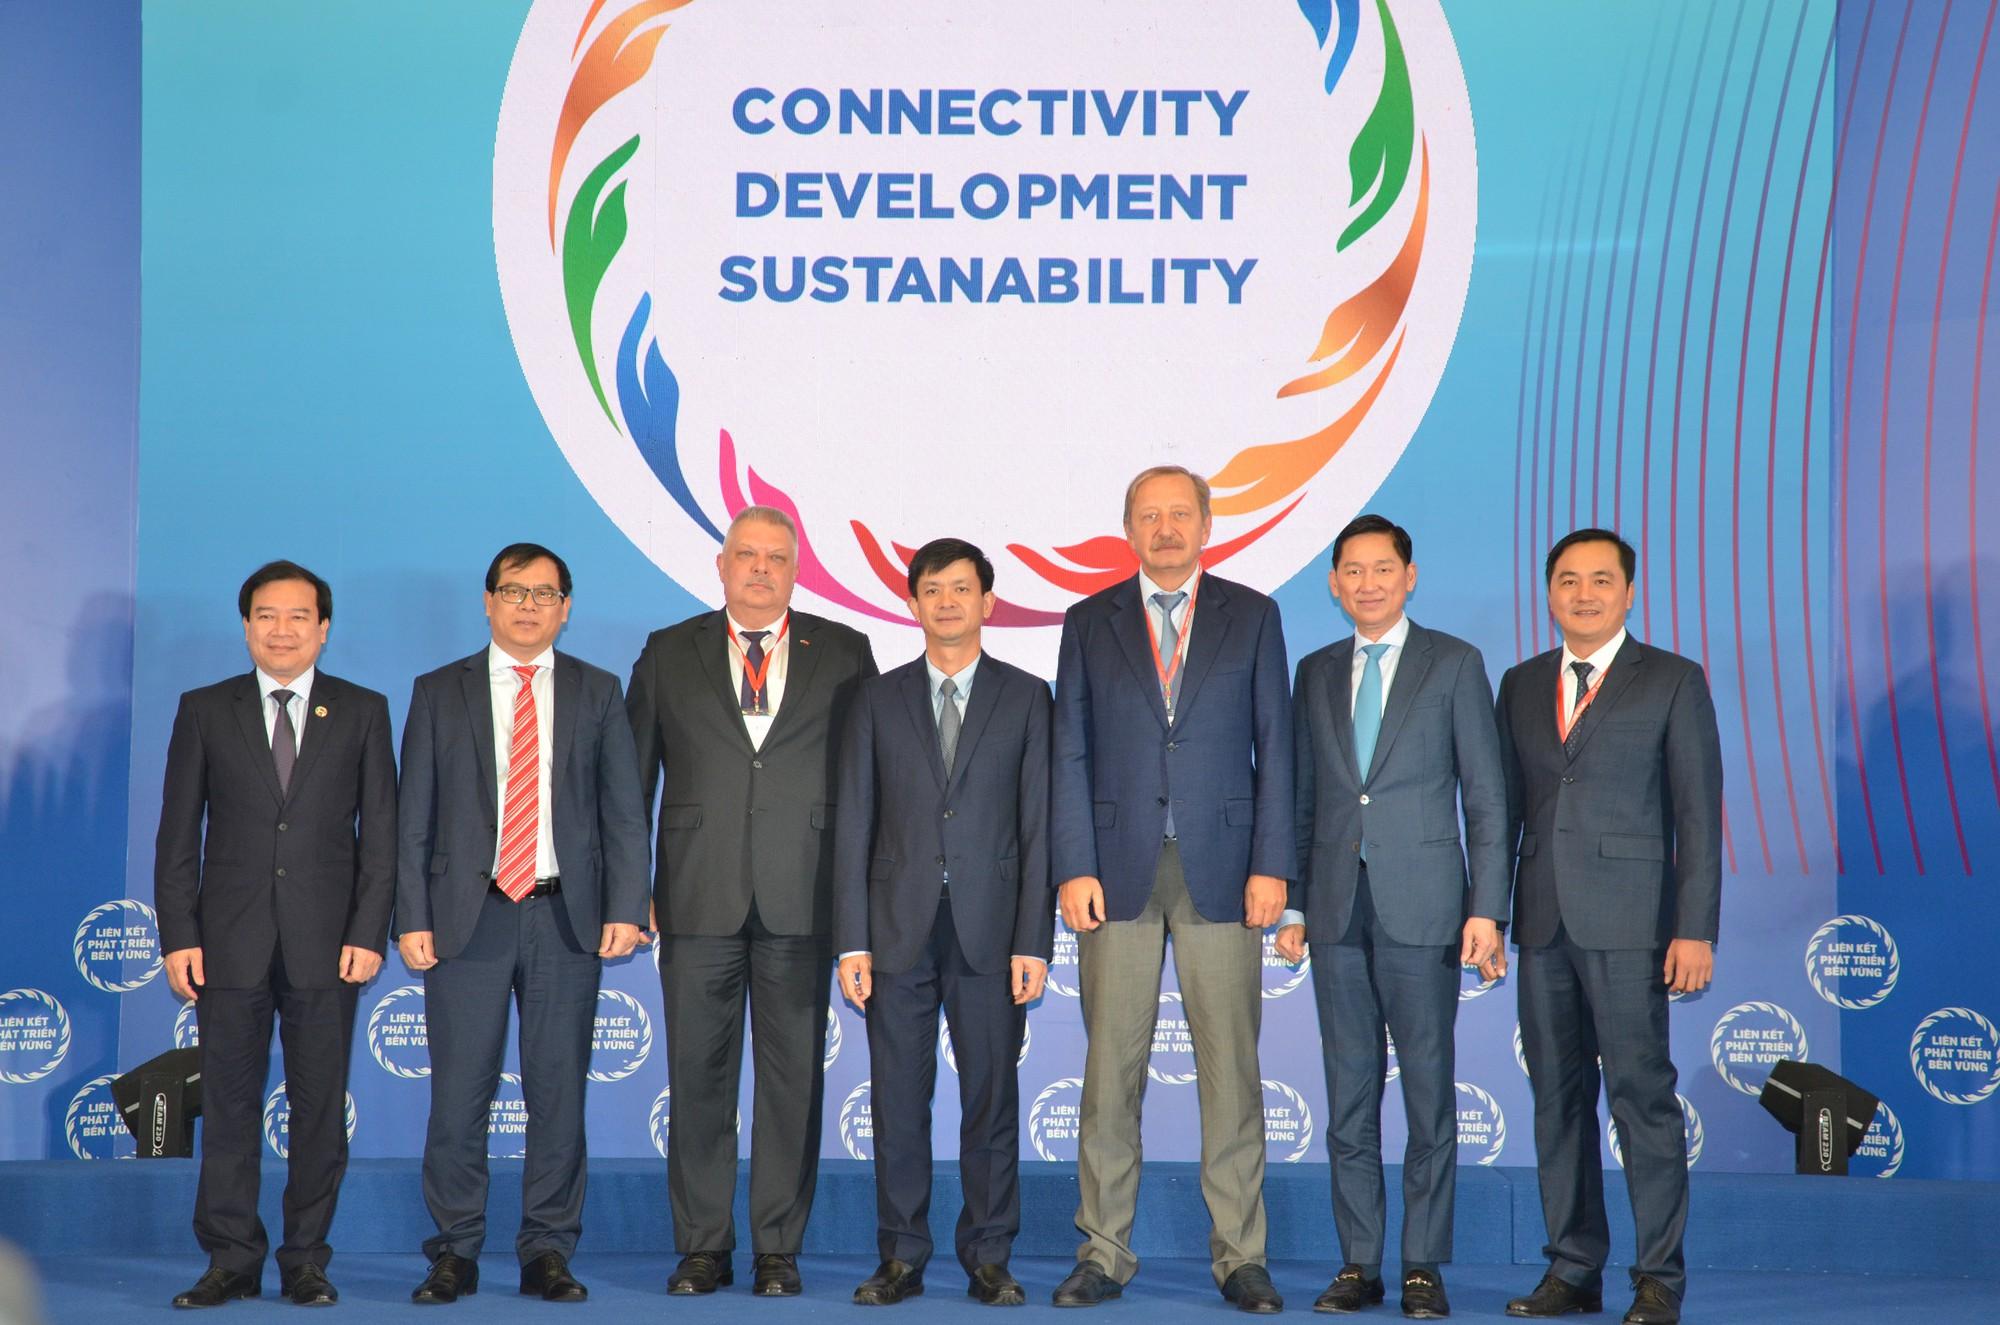 Hội nghị hợp tác du lịch Việt - Nga năm 2019 tại Thành phố Hồ Chí Minh - Ảnh 4.